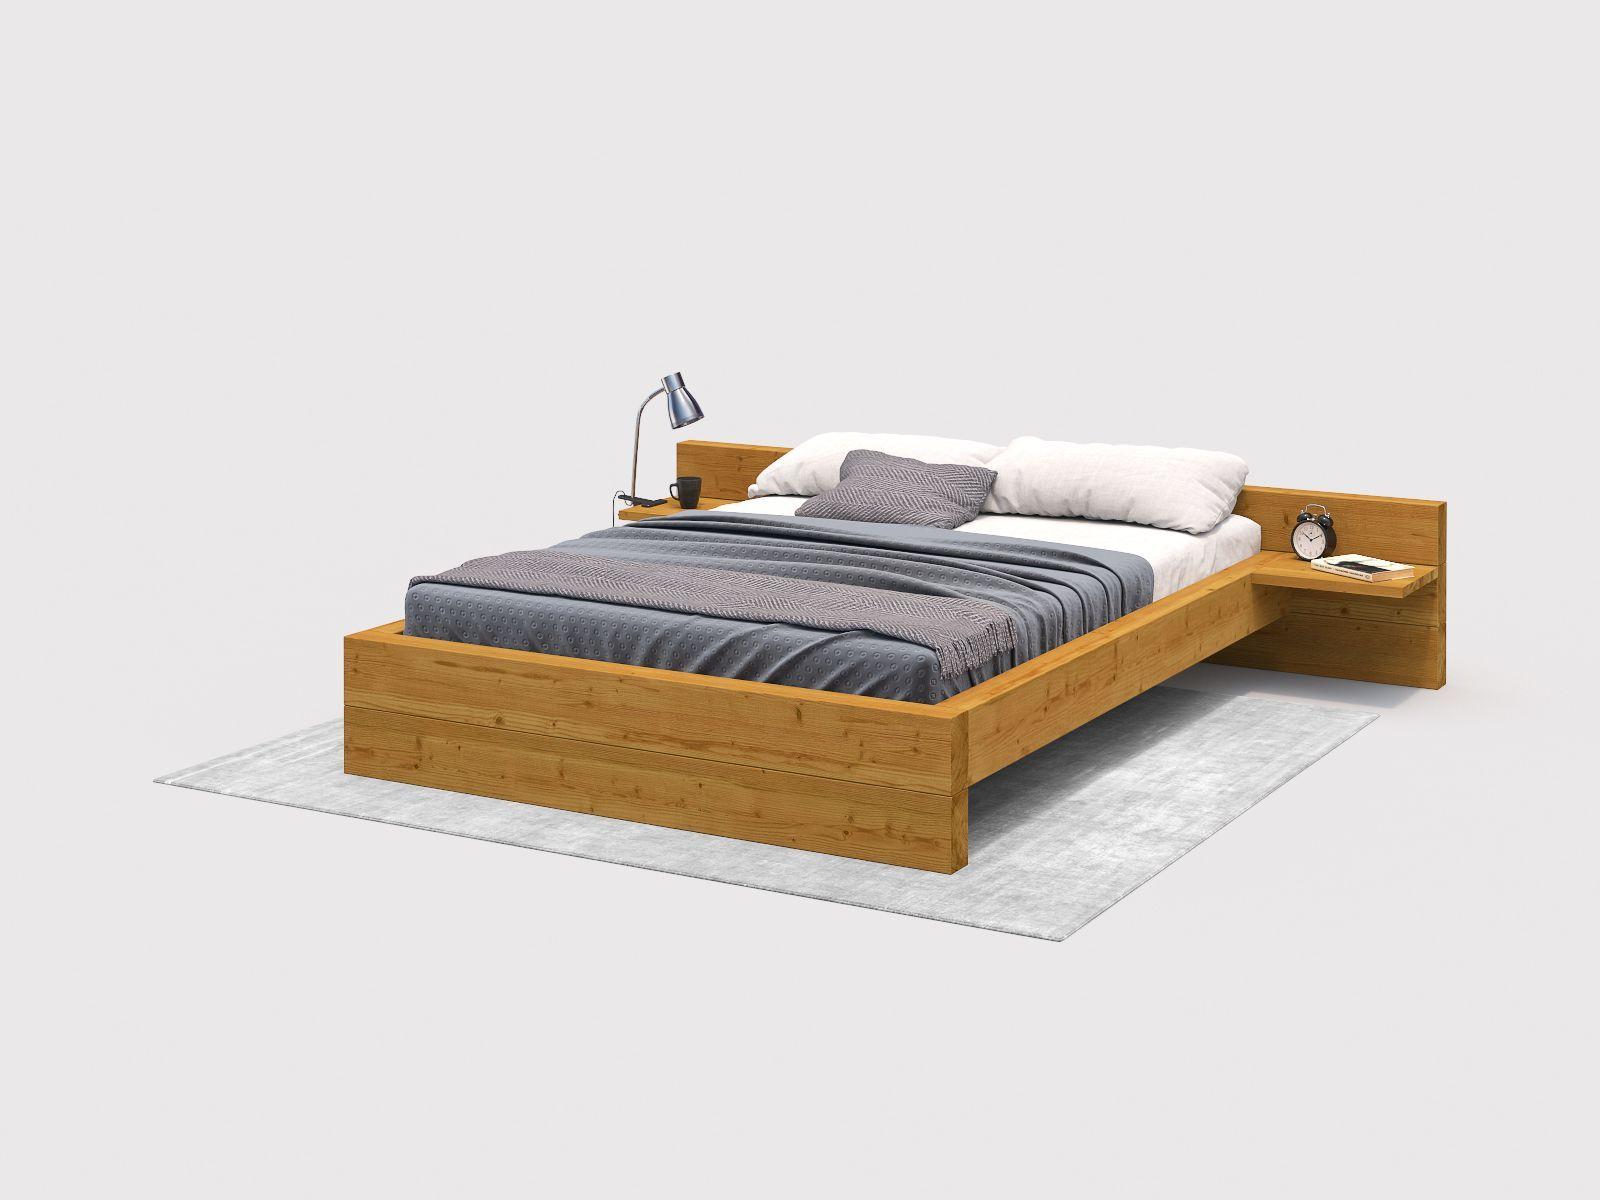 Bett Franz selber bauen - Betten | Deko | Pinterest | Bett und Deko